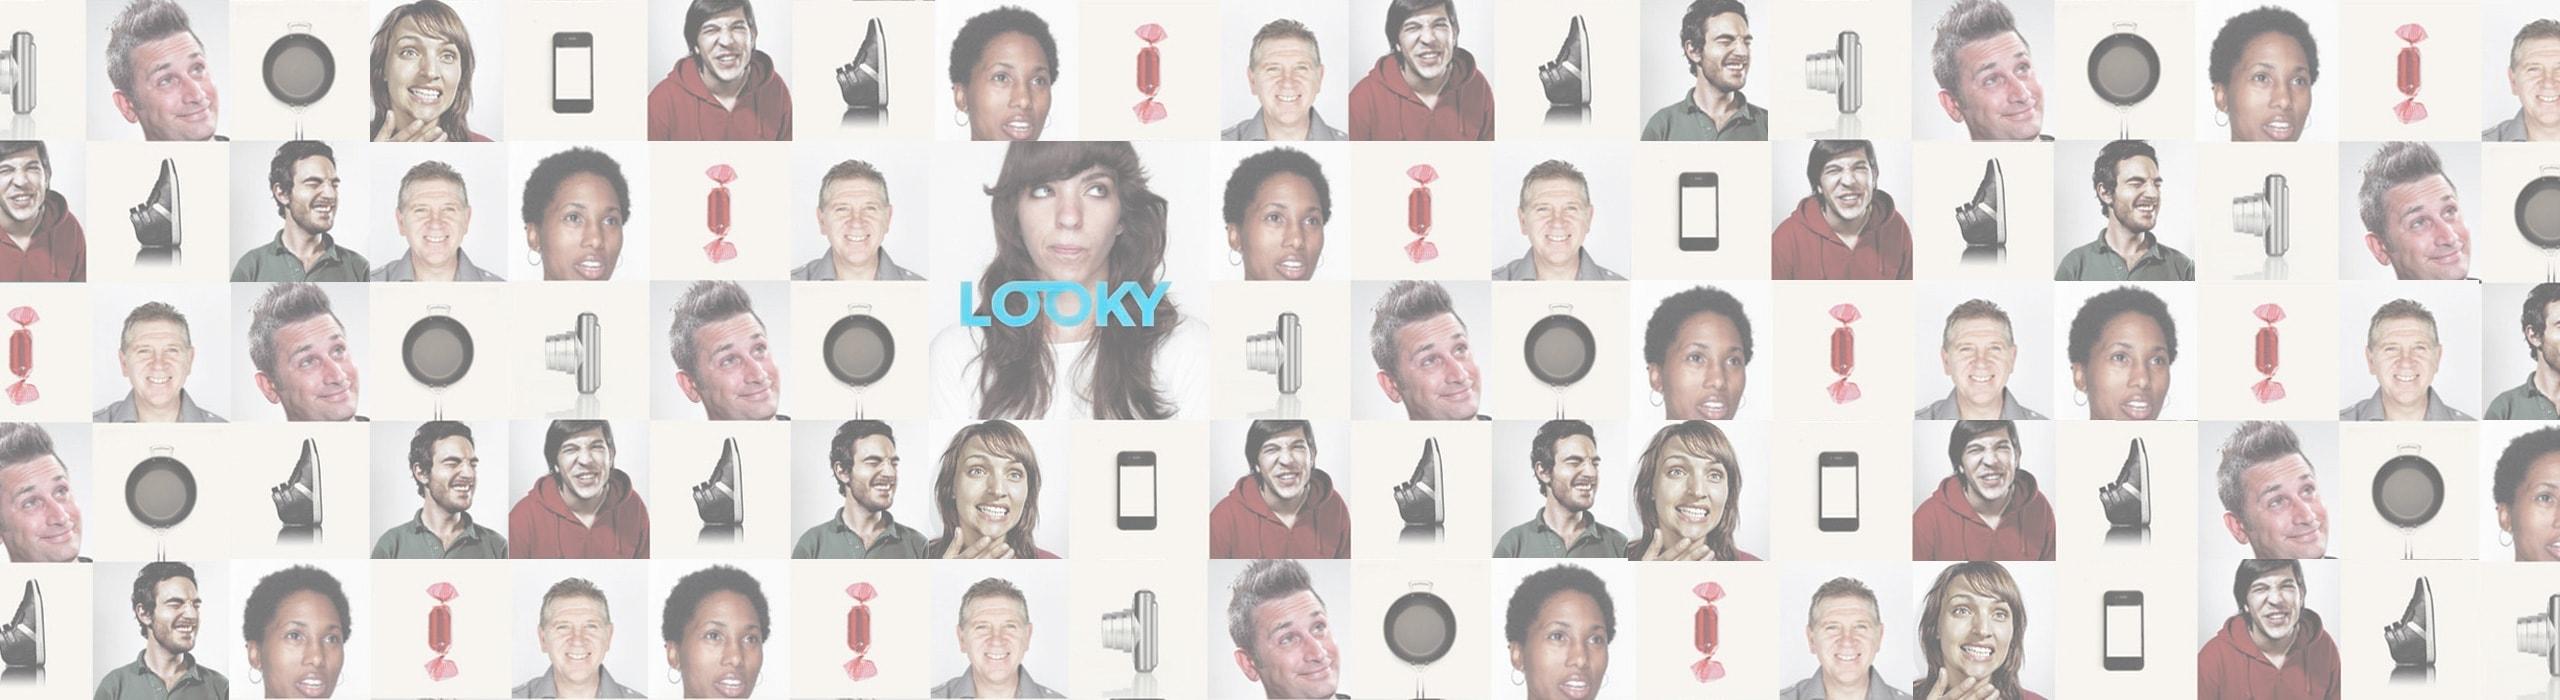 Looky - natie-looky-collage - Natie Branding Agency